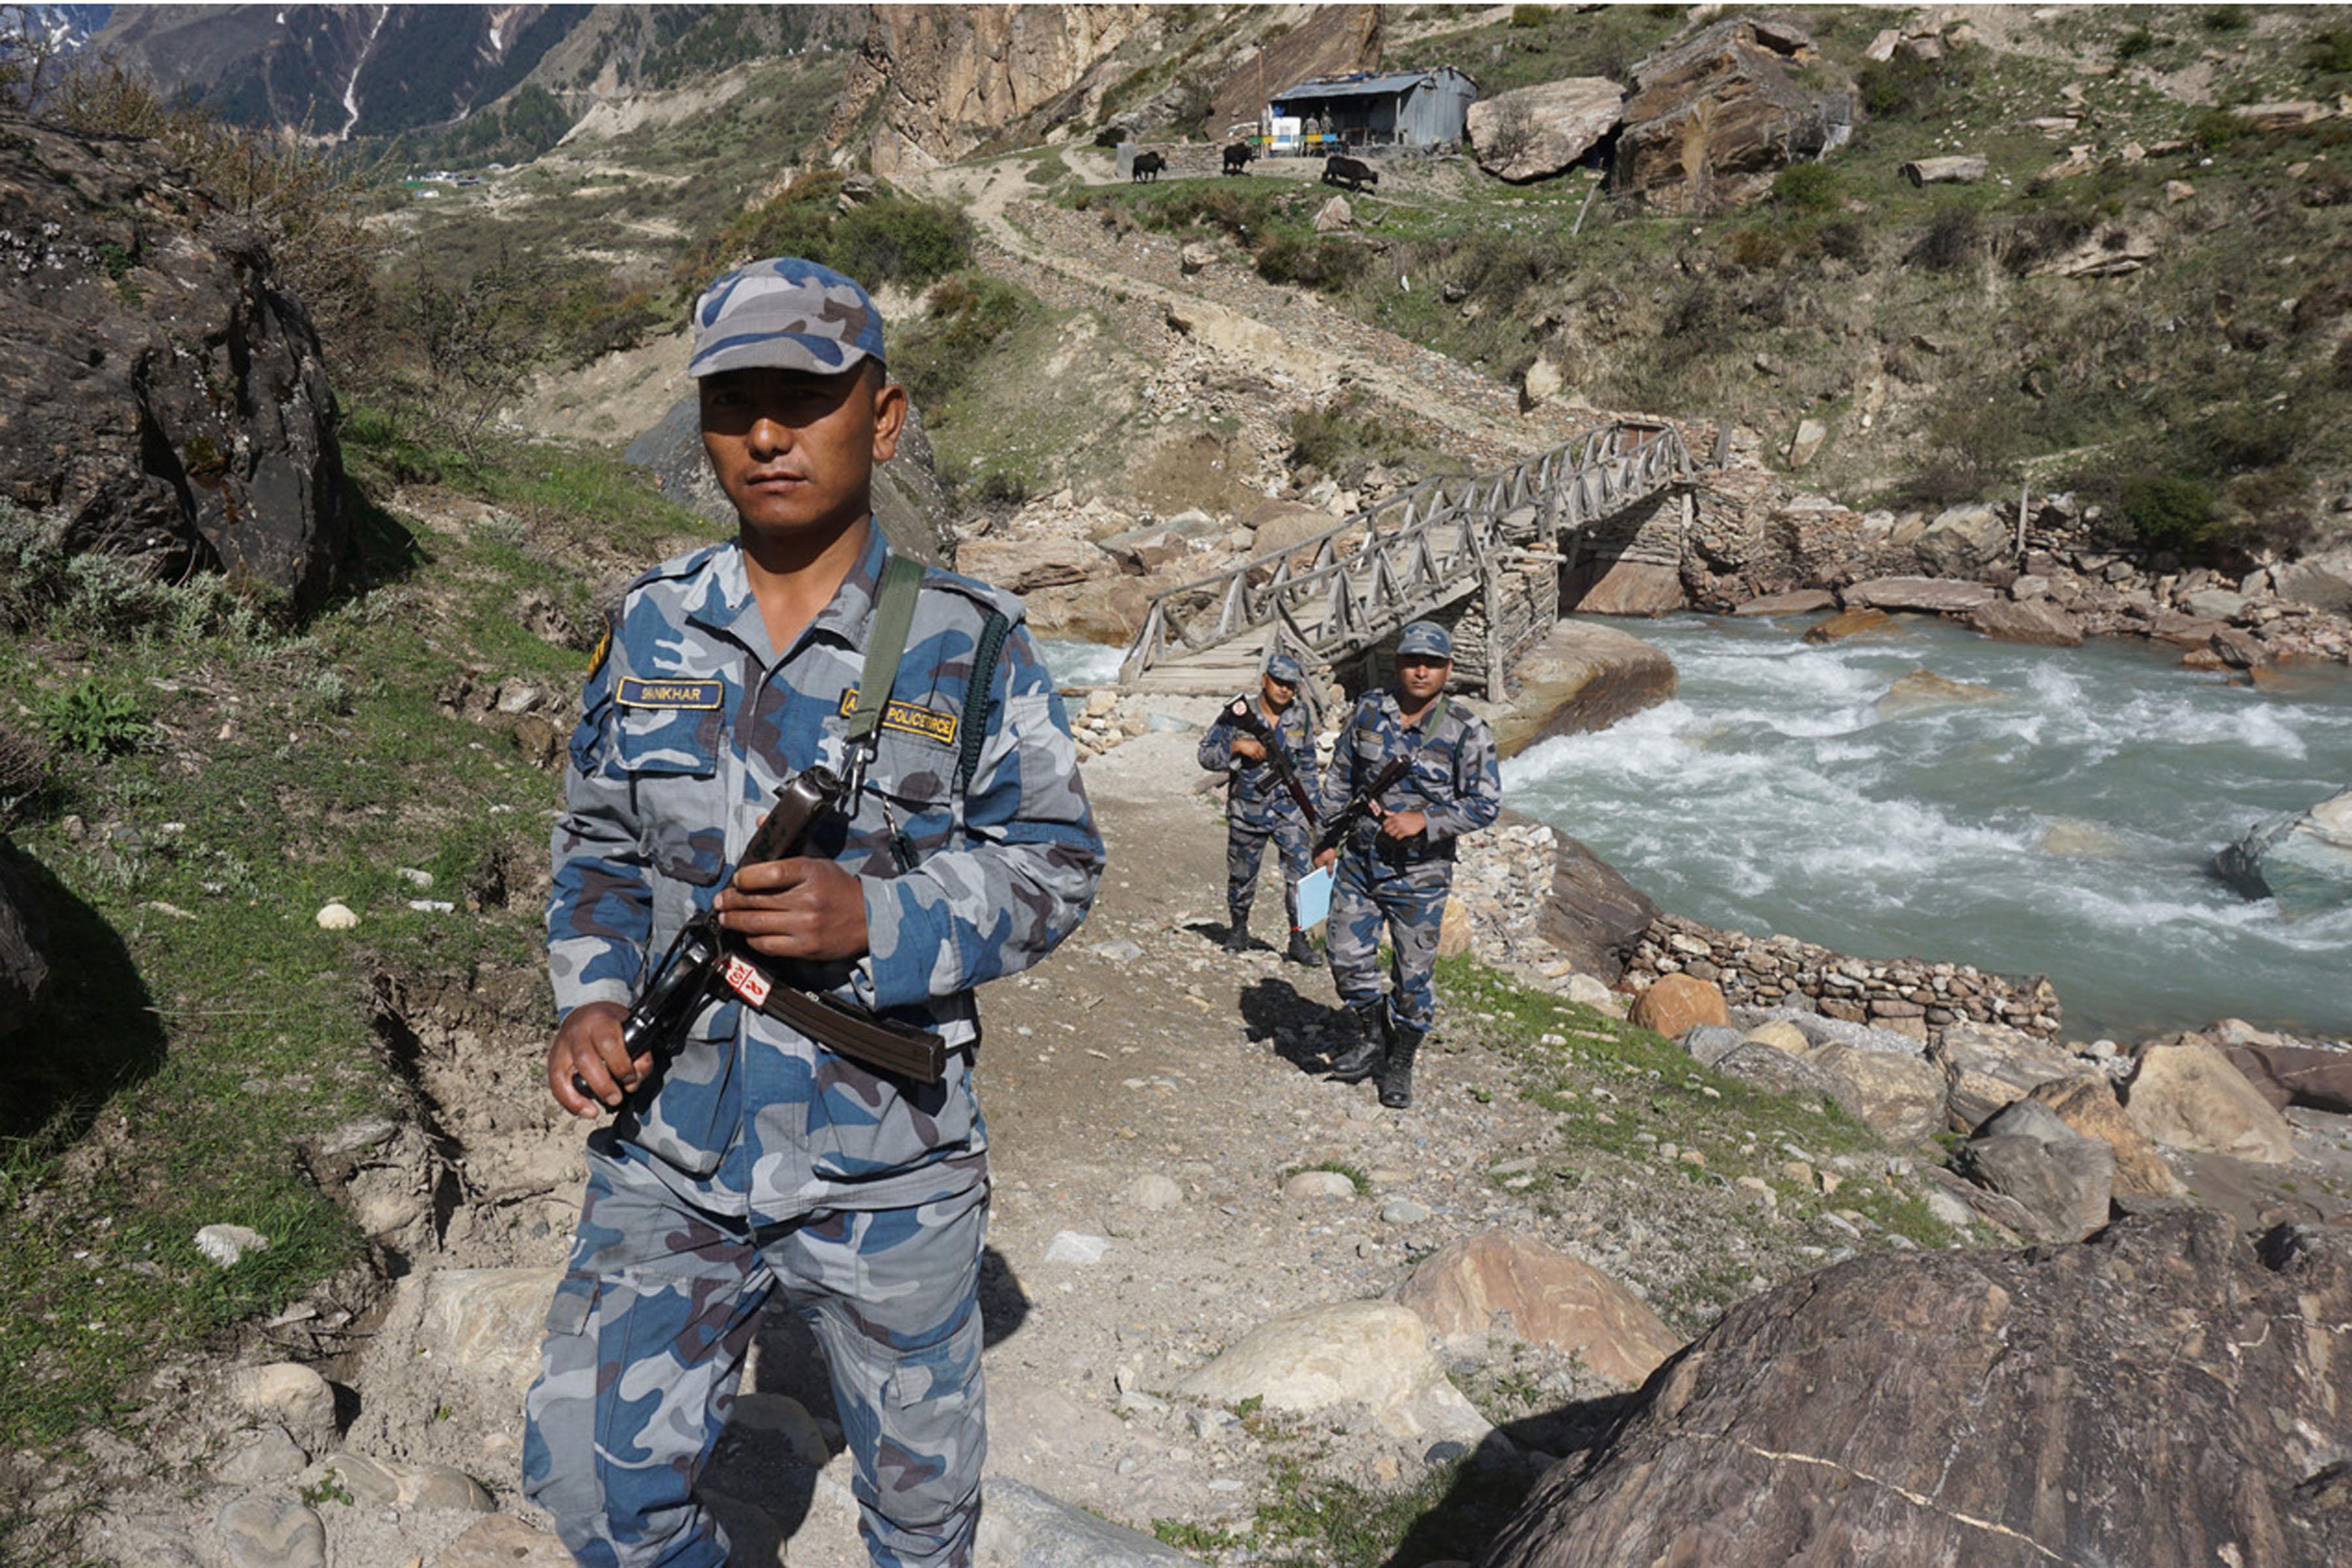 छाङरुमा सशस्त्र प्रहरी : दृढ सङ्कल्पका साथ सीतापुलबाट सीमा गस्ती